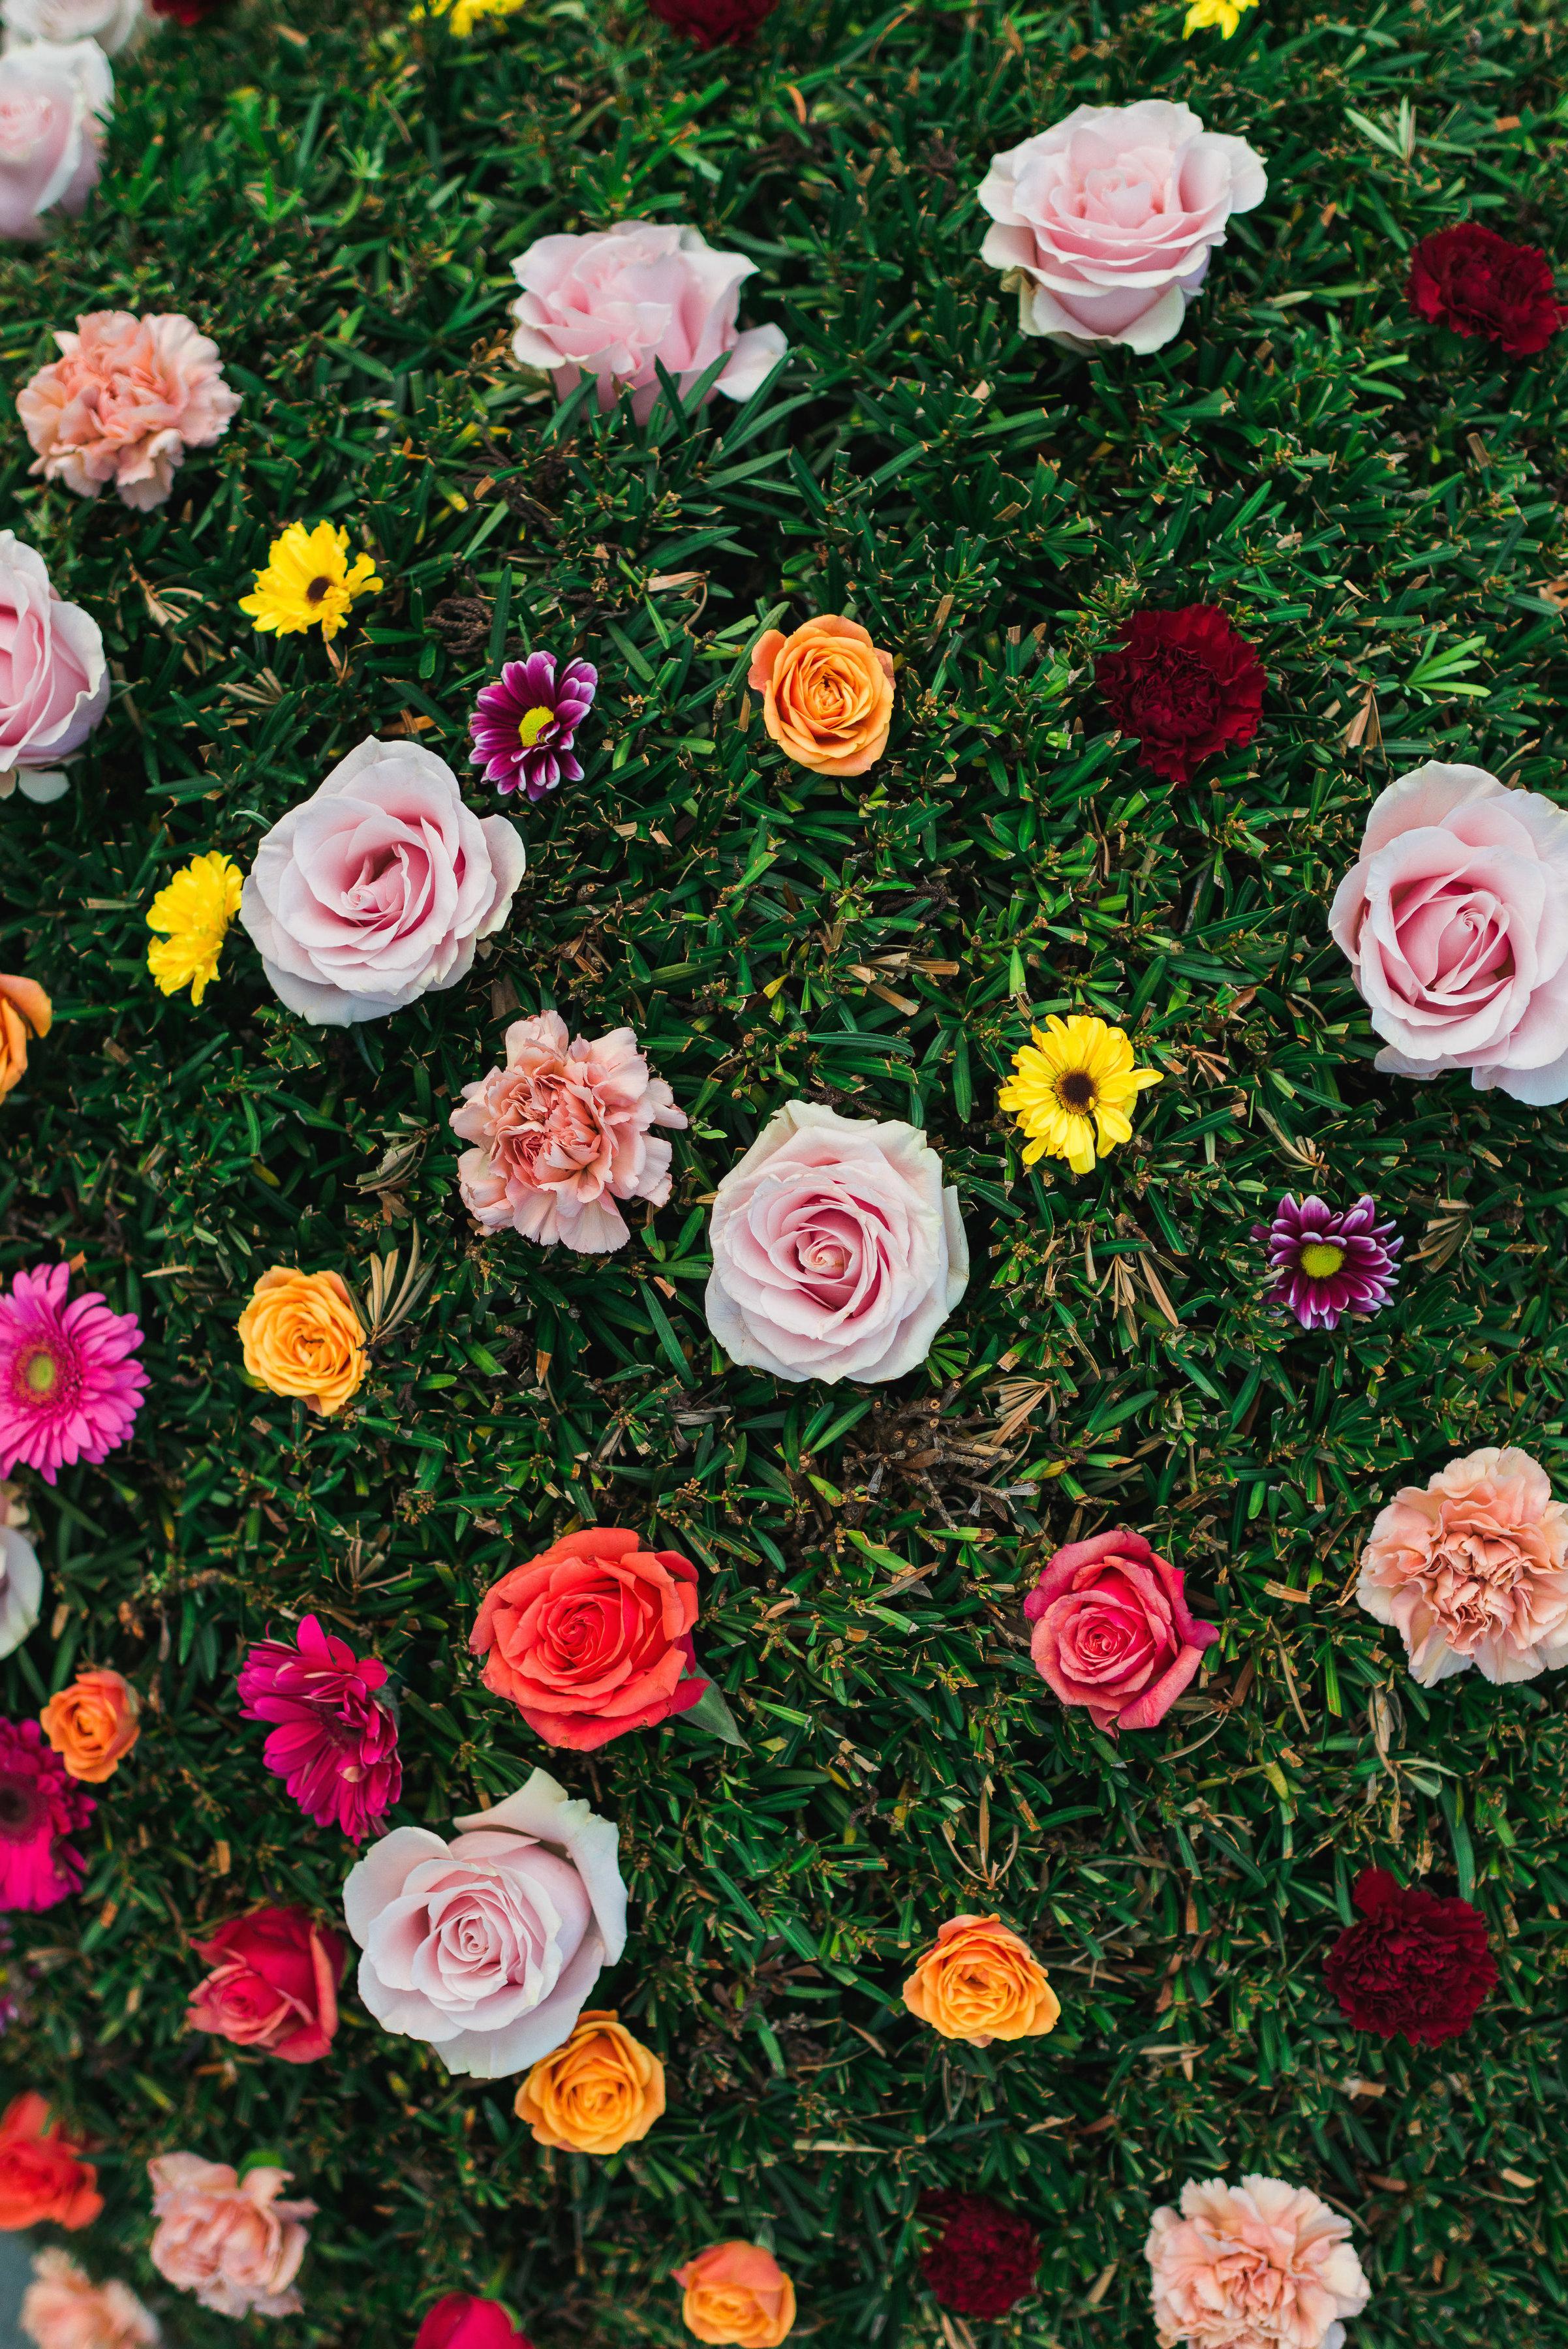 Flowerchildbushflowers(8of19).jpg